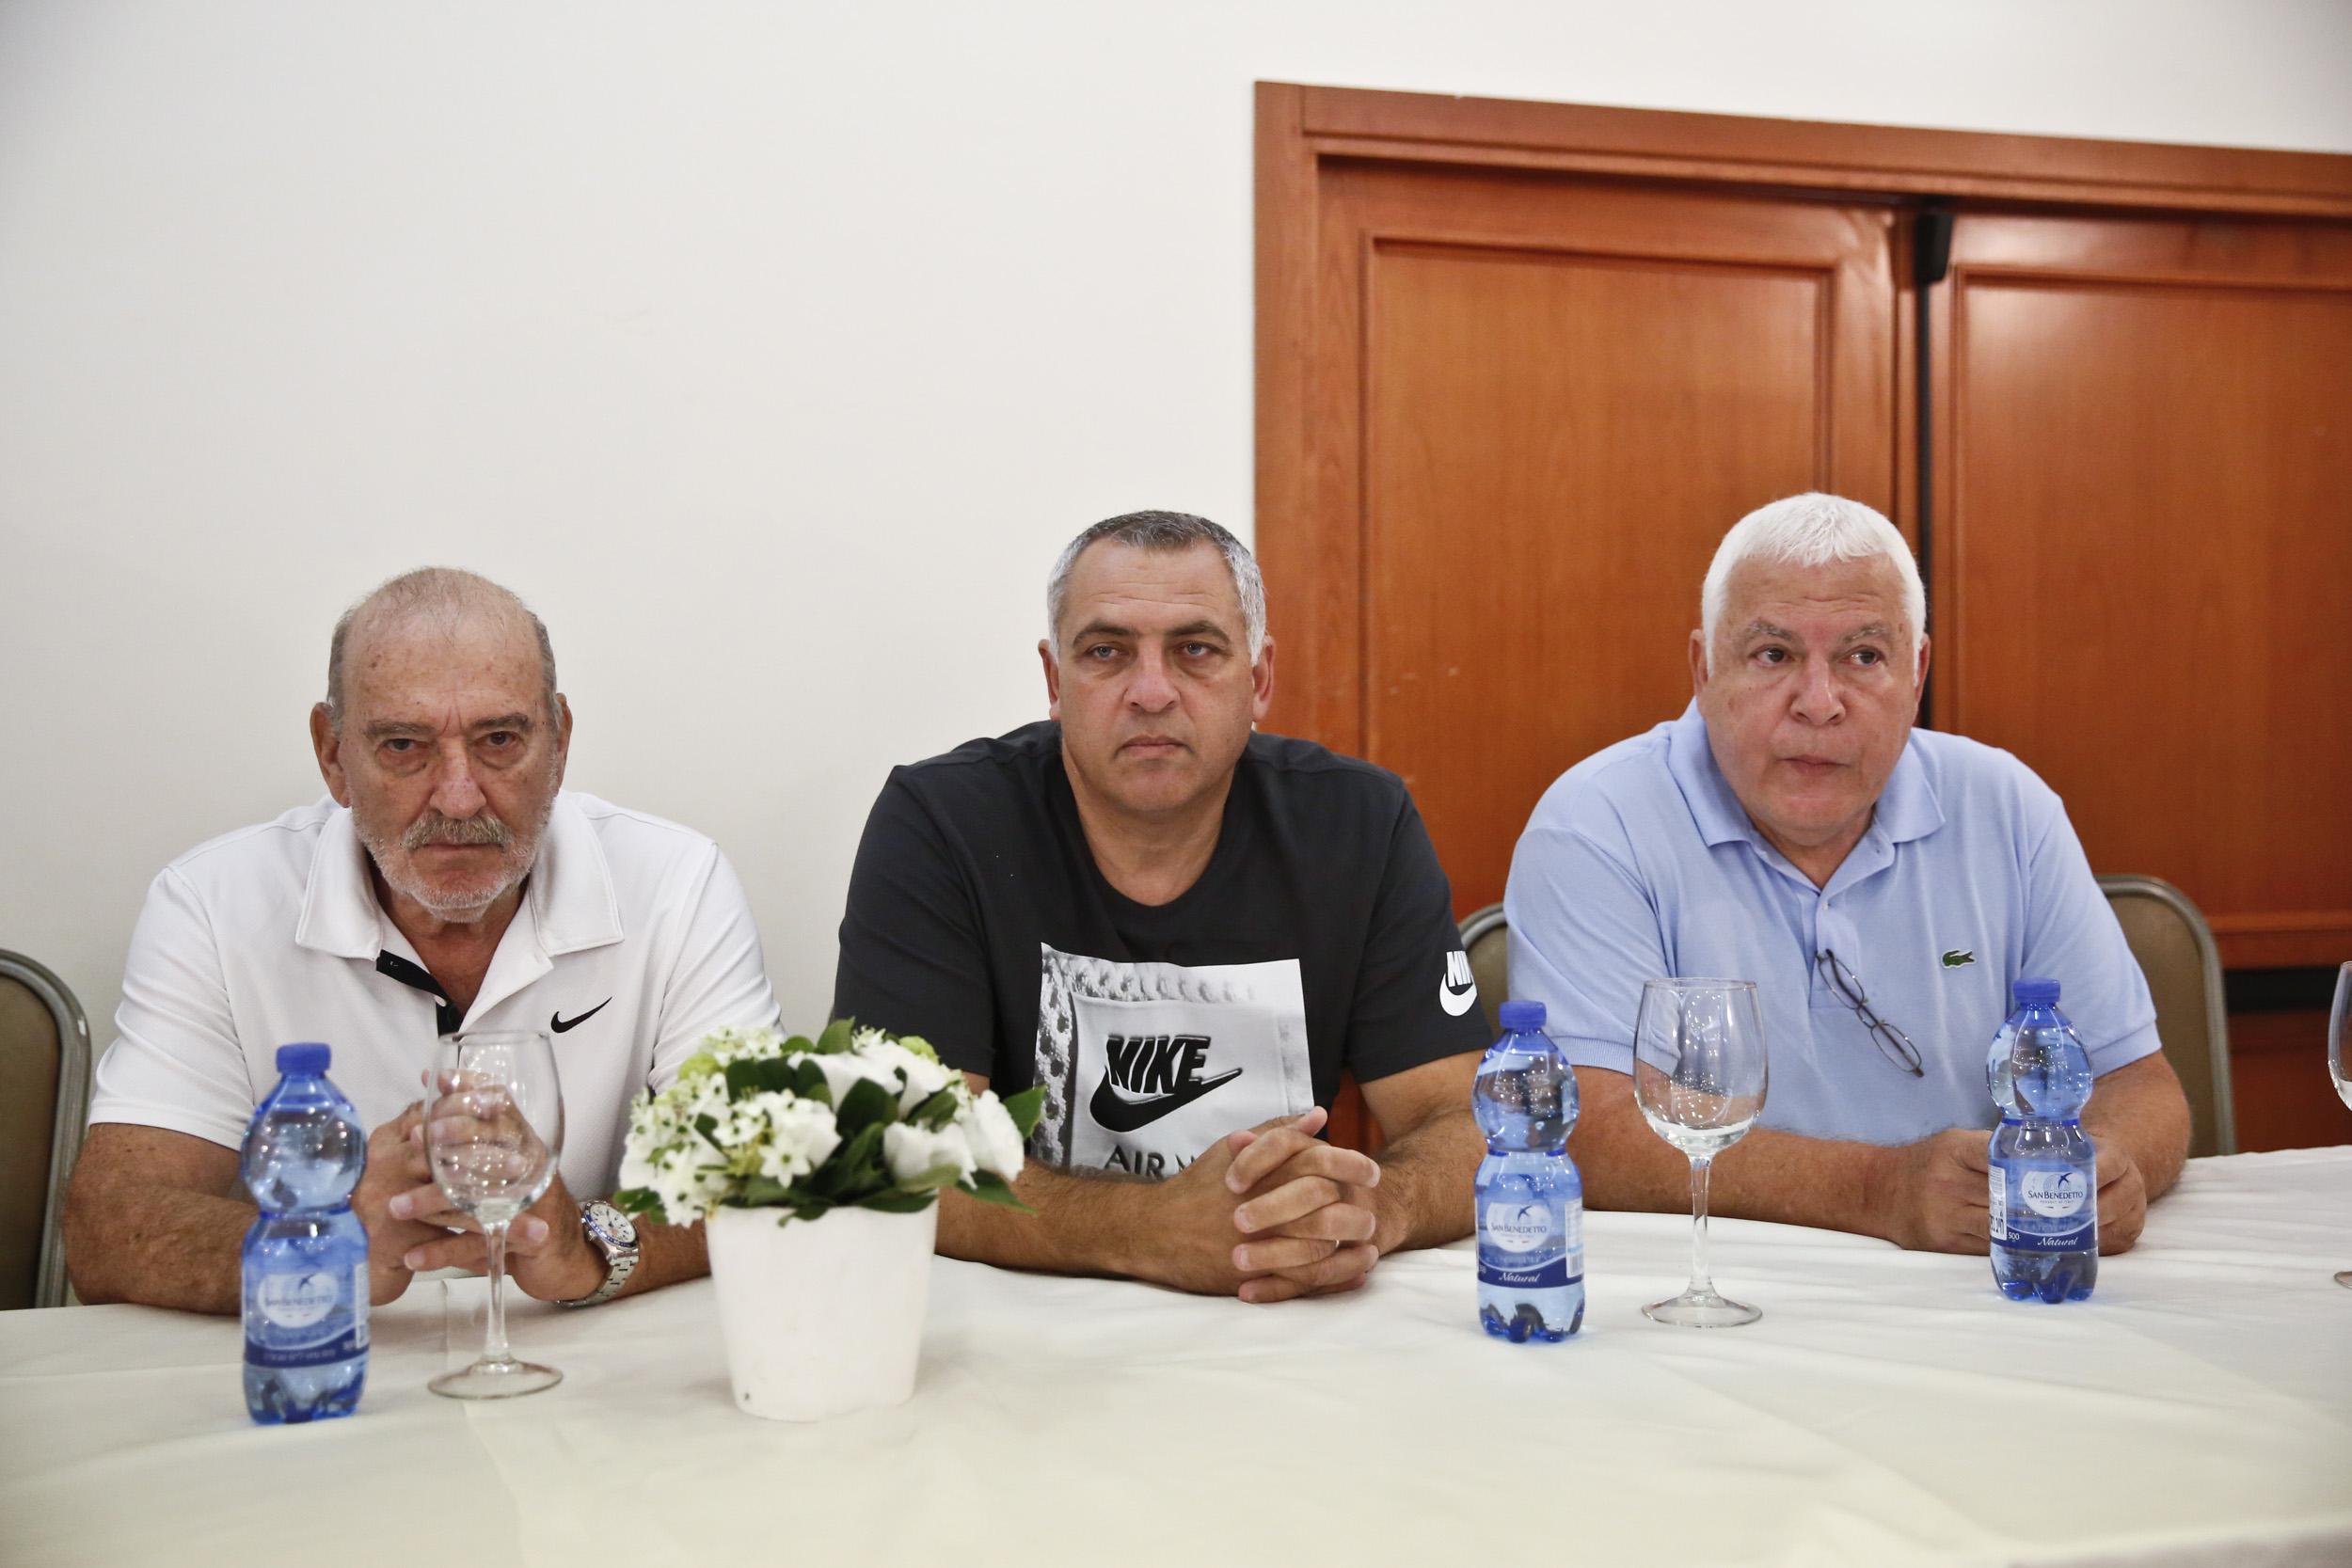 """פיני גרשון ומאמנים צעירים יצאו להשתלמות בסרביה. אברהמי חיפש שחקנים יהודים בארה""""ב"""